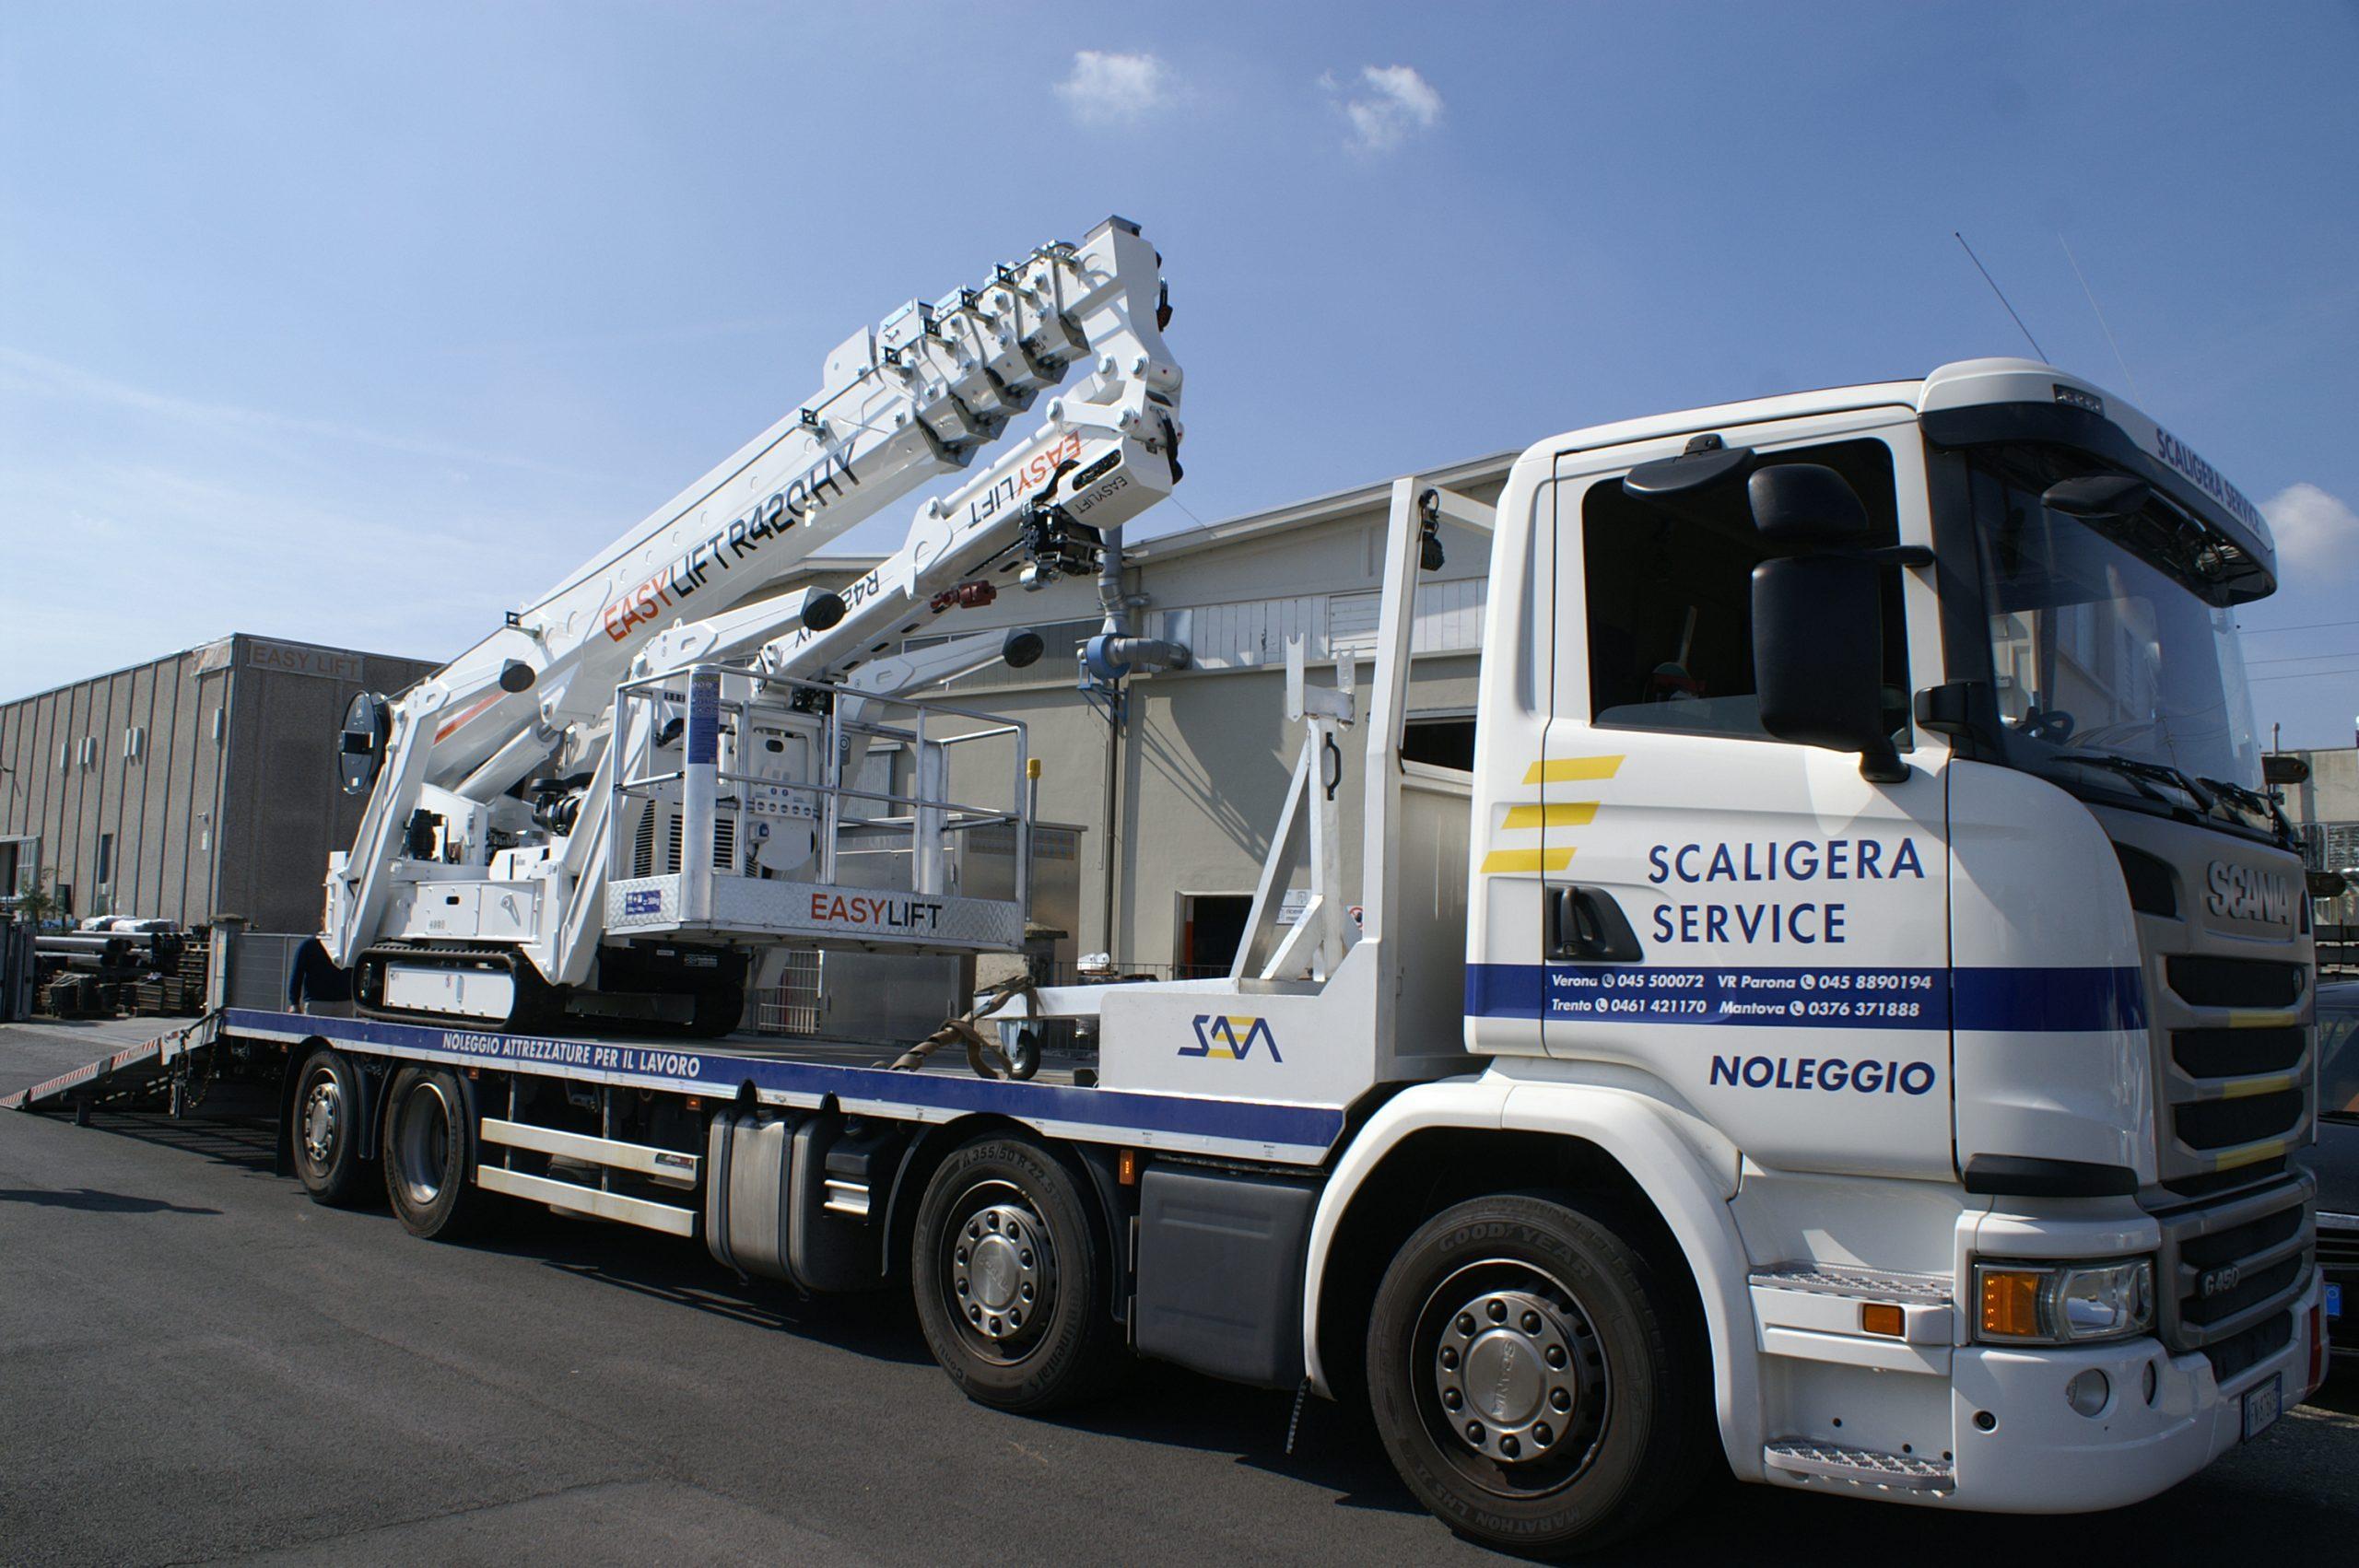 Up Rent de Scaligera Service choisit le haut de gamme Easy Lift !